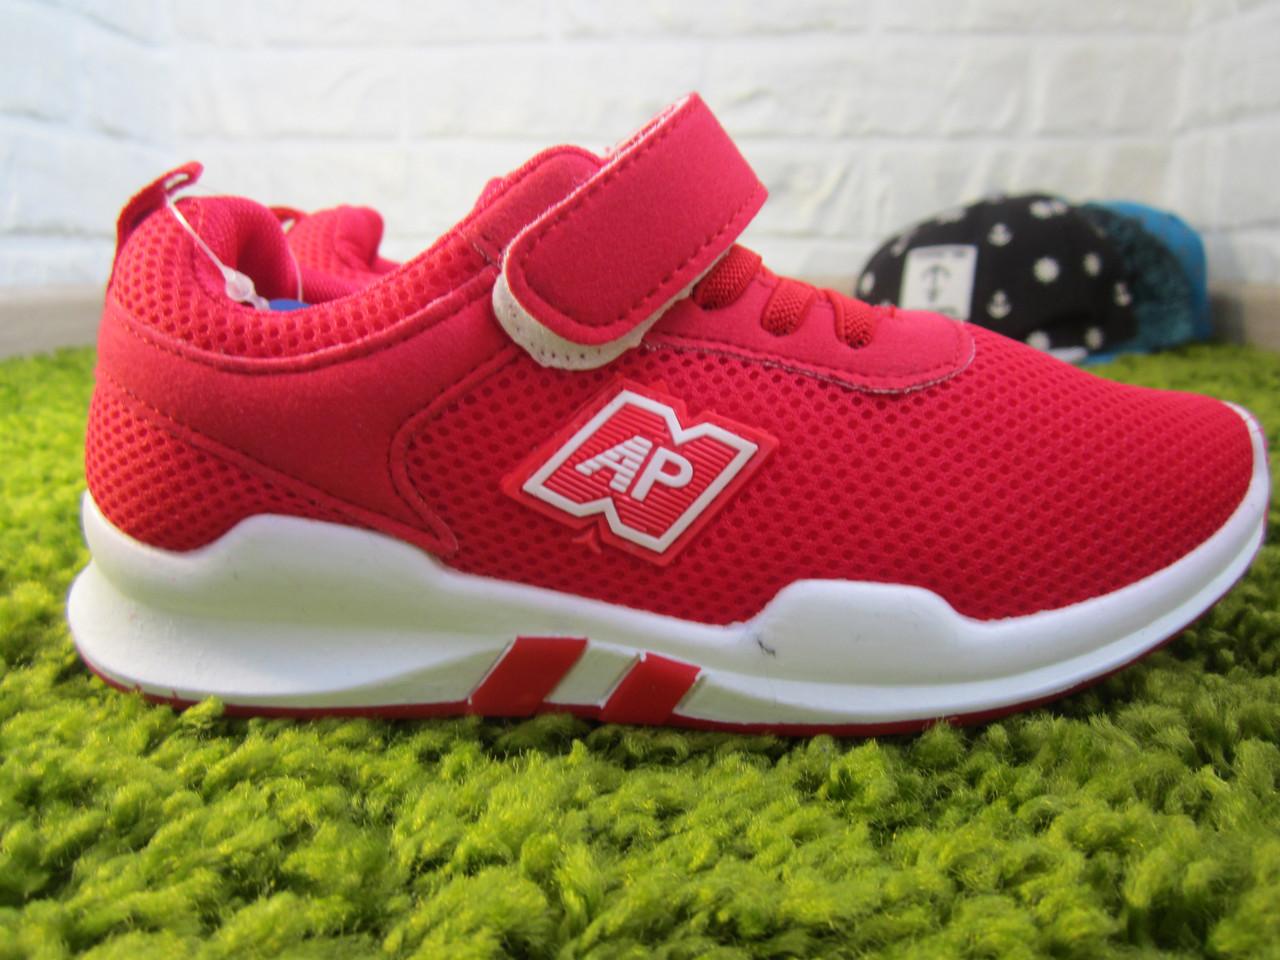 4f7b5a206 Детские легкие кроссовки Apawwa для мальчиков красные на шнурках с липучкой  - Kramwell - Всегда very